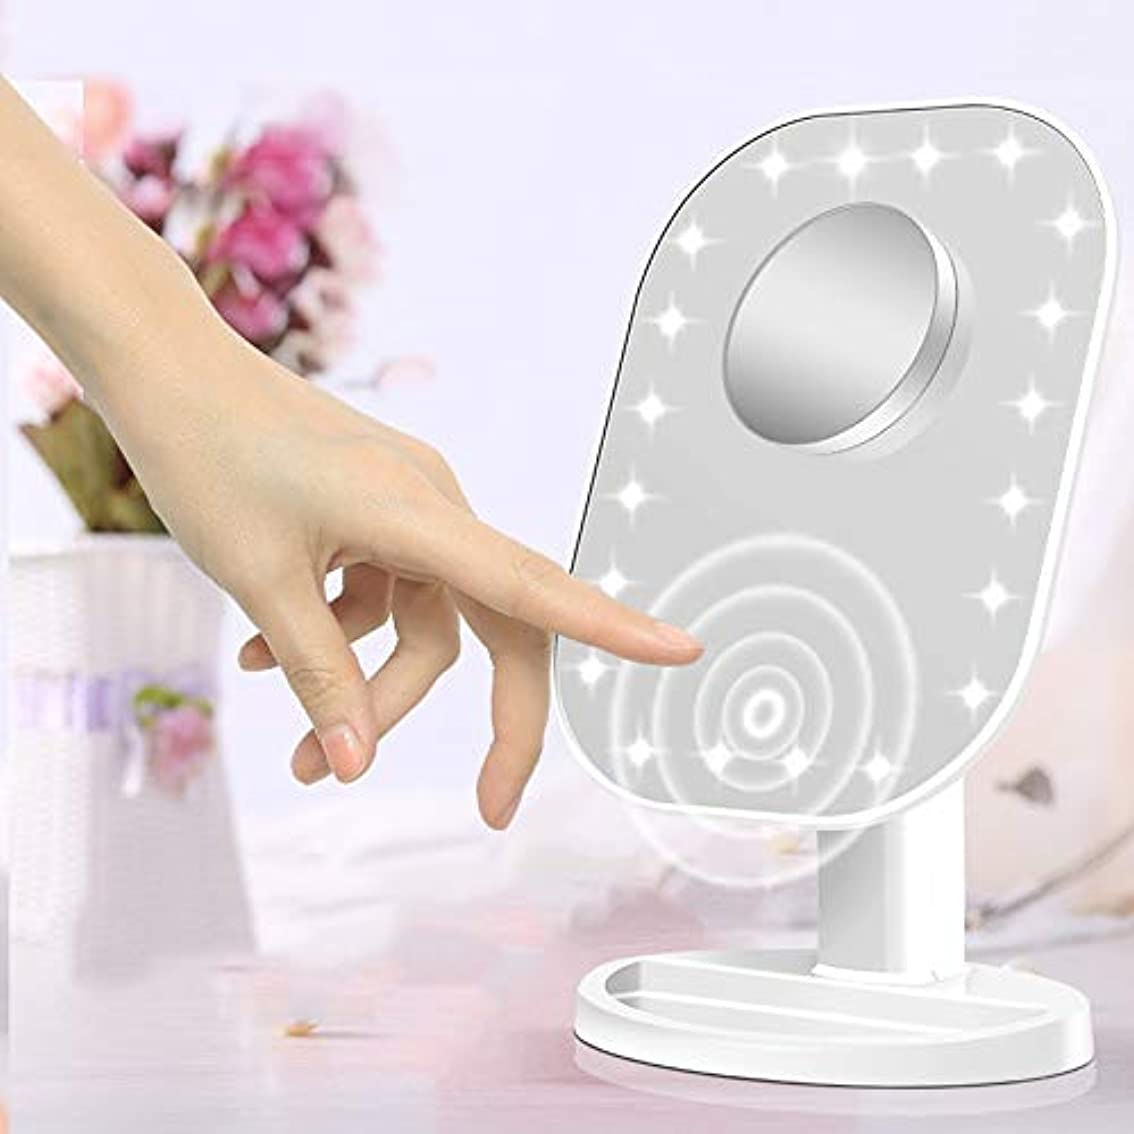 国科学マキシム流行の 新しいデスクトップクリエイティブタッチセンサーled化粧鏡10倍拡大美容化粧鏡フィルライト化粧鏡ピンクホワイト (色 : Pink)